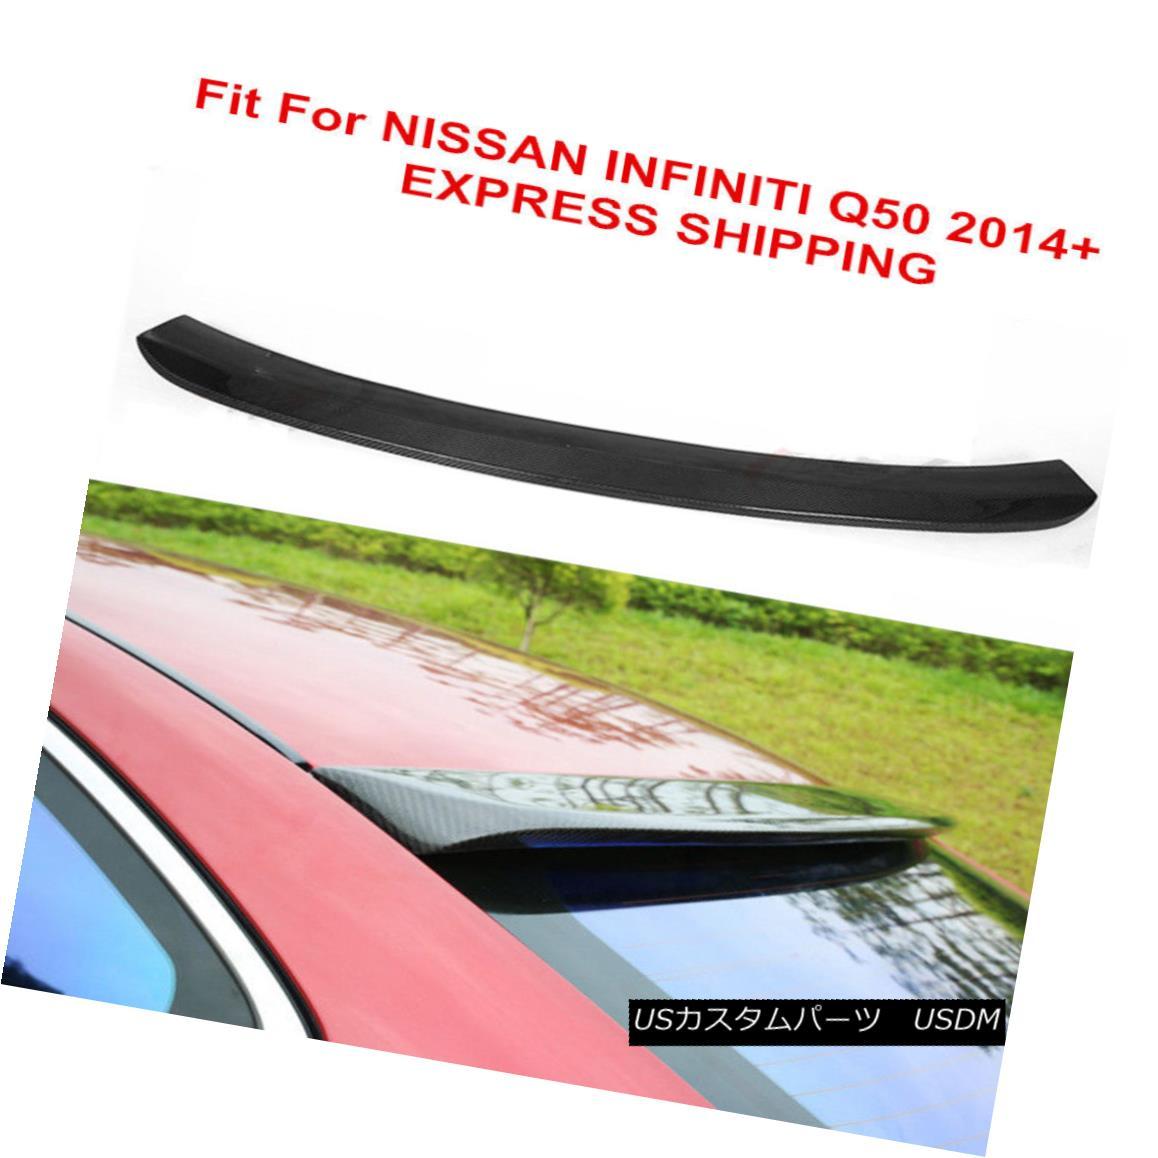 エアロパーツ Fit For Nissan INFINITI Q50 2014-2017 REAL CARBON FIBER REAR LIP ROOF SPOILER 日産にフィットINFINITI Q50 2014-2017リアルカーボンファイバーリアリップルーフィングスポイラー